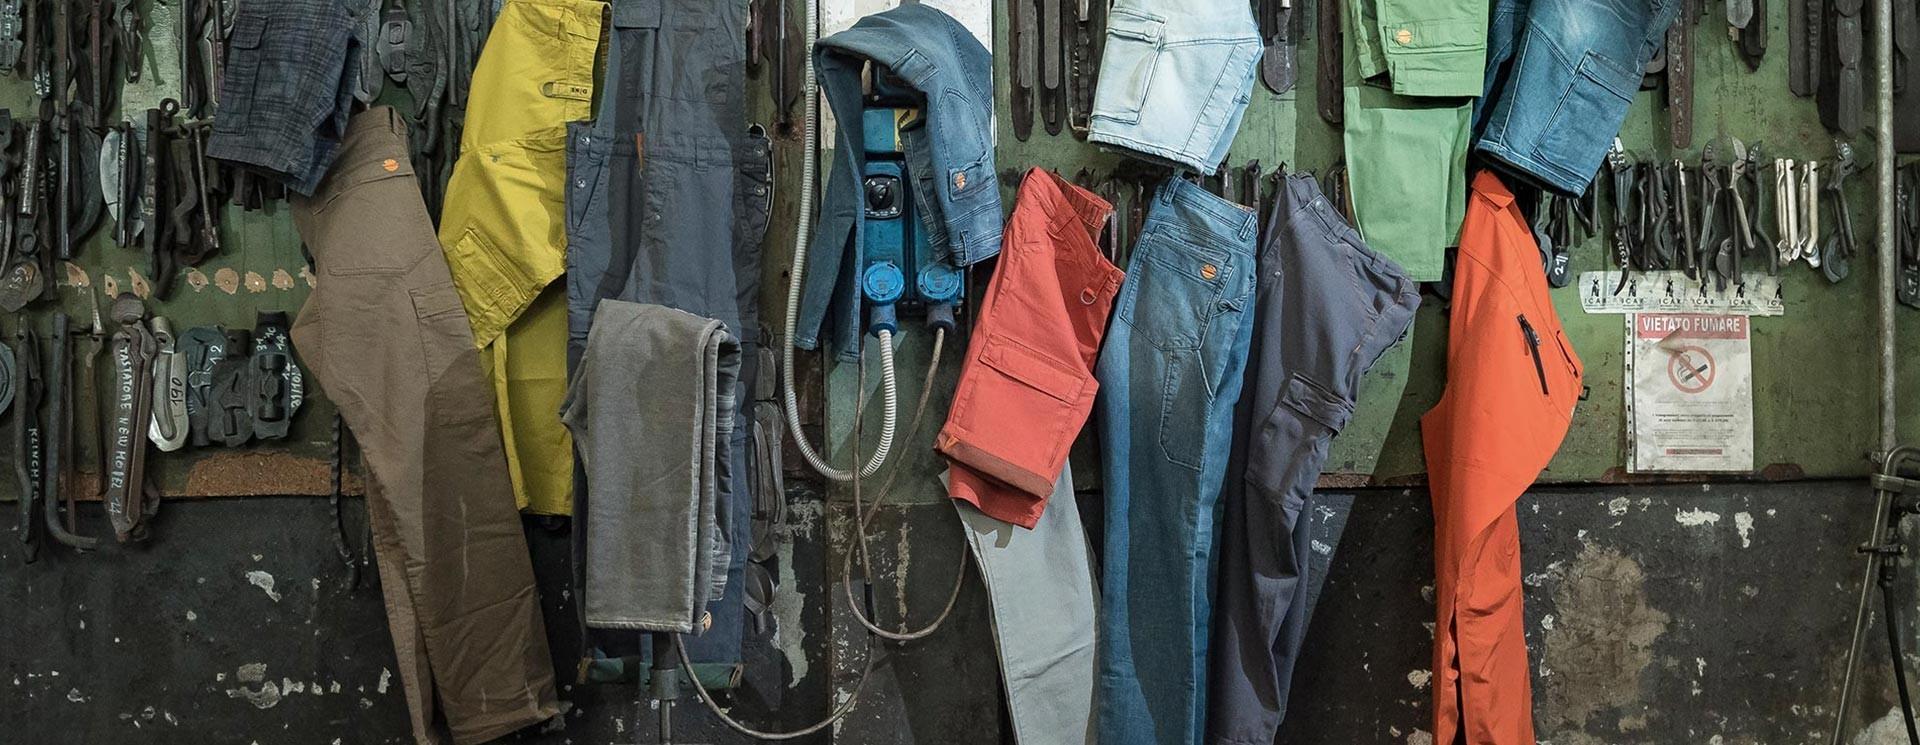 Pantaloni - Abbigliamento da lavoro | Dike